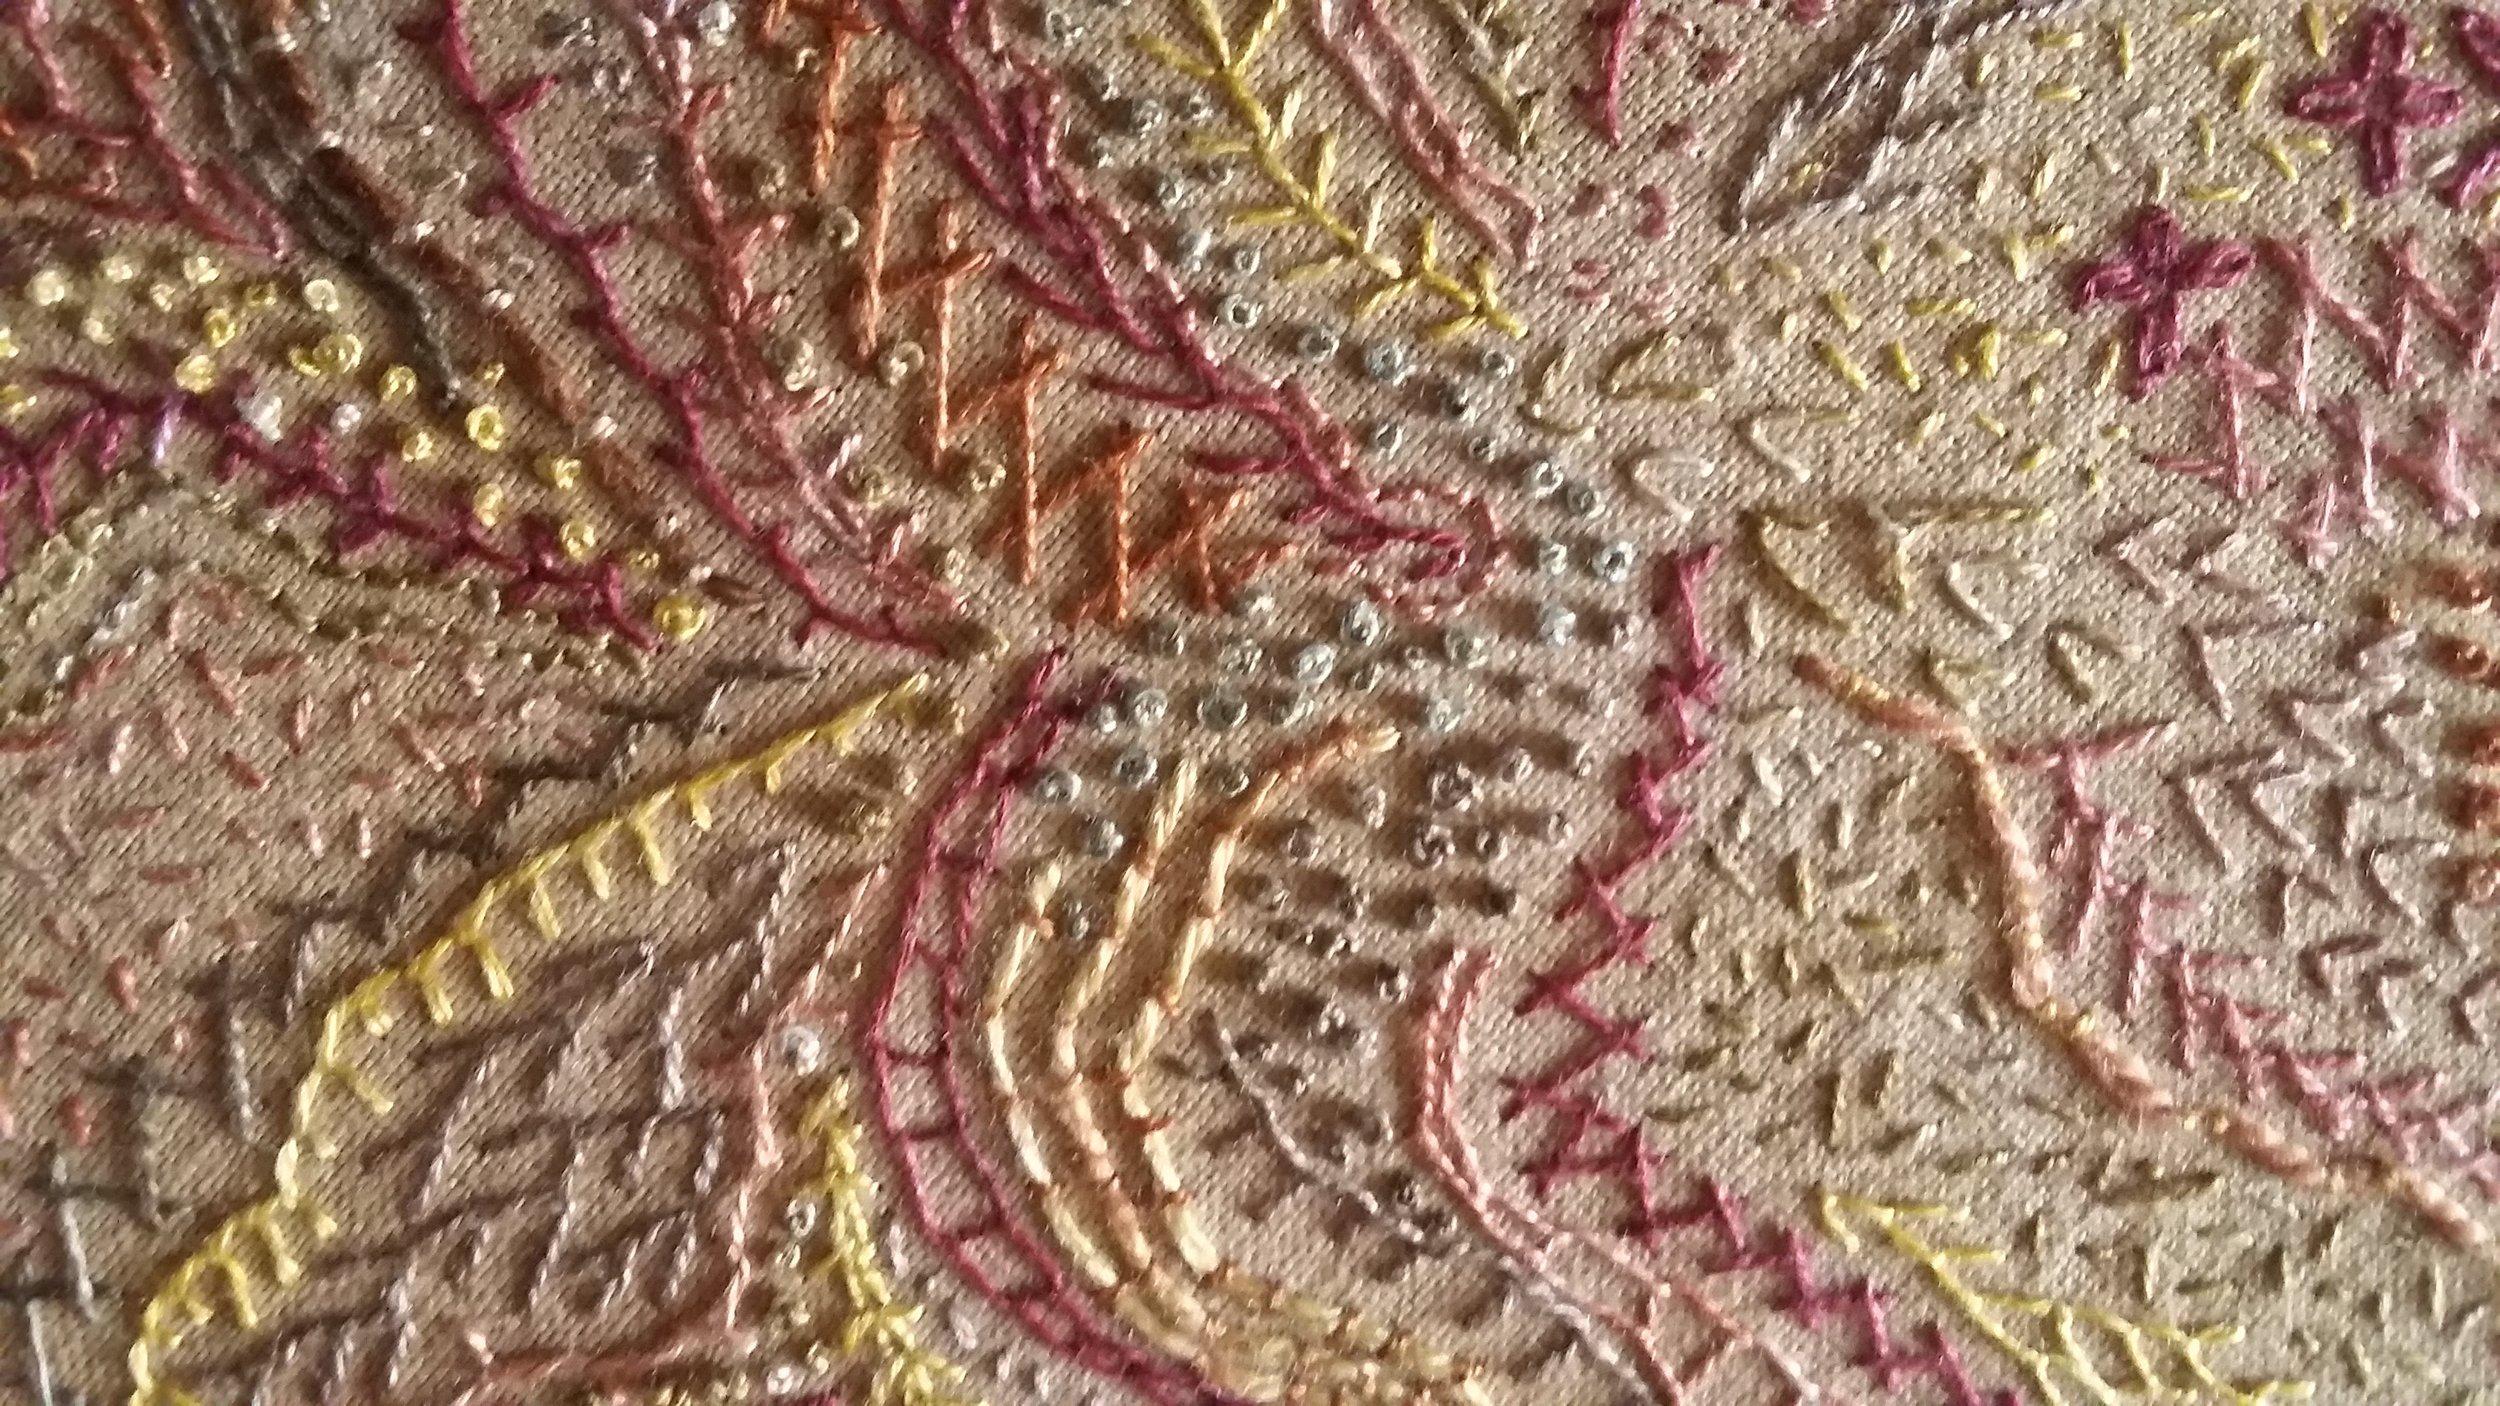 lizzie_godden_stitching (2).jpg